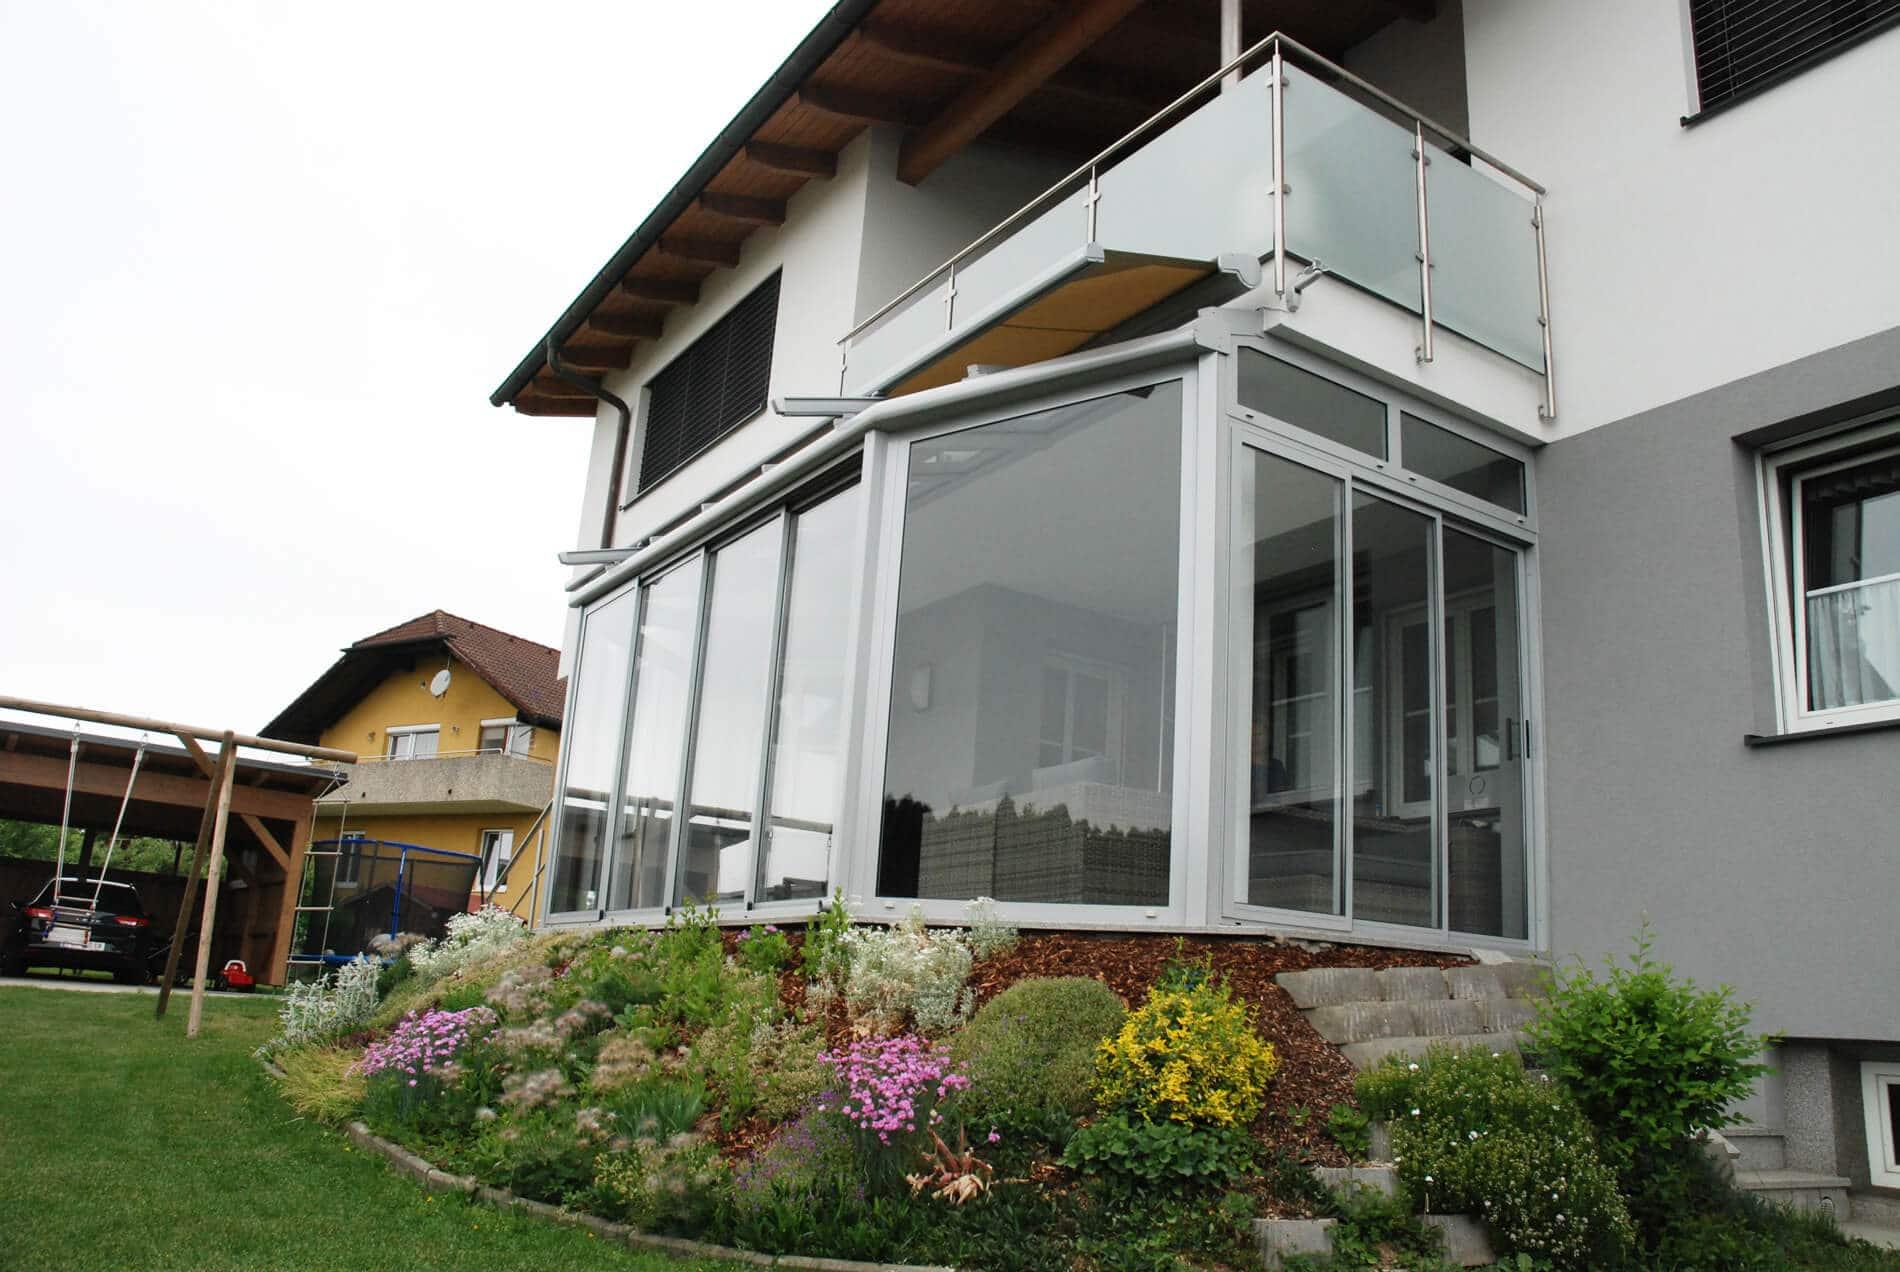 Pultdach-Wintergarten Isolierglas und Dachbeschattung